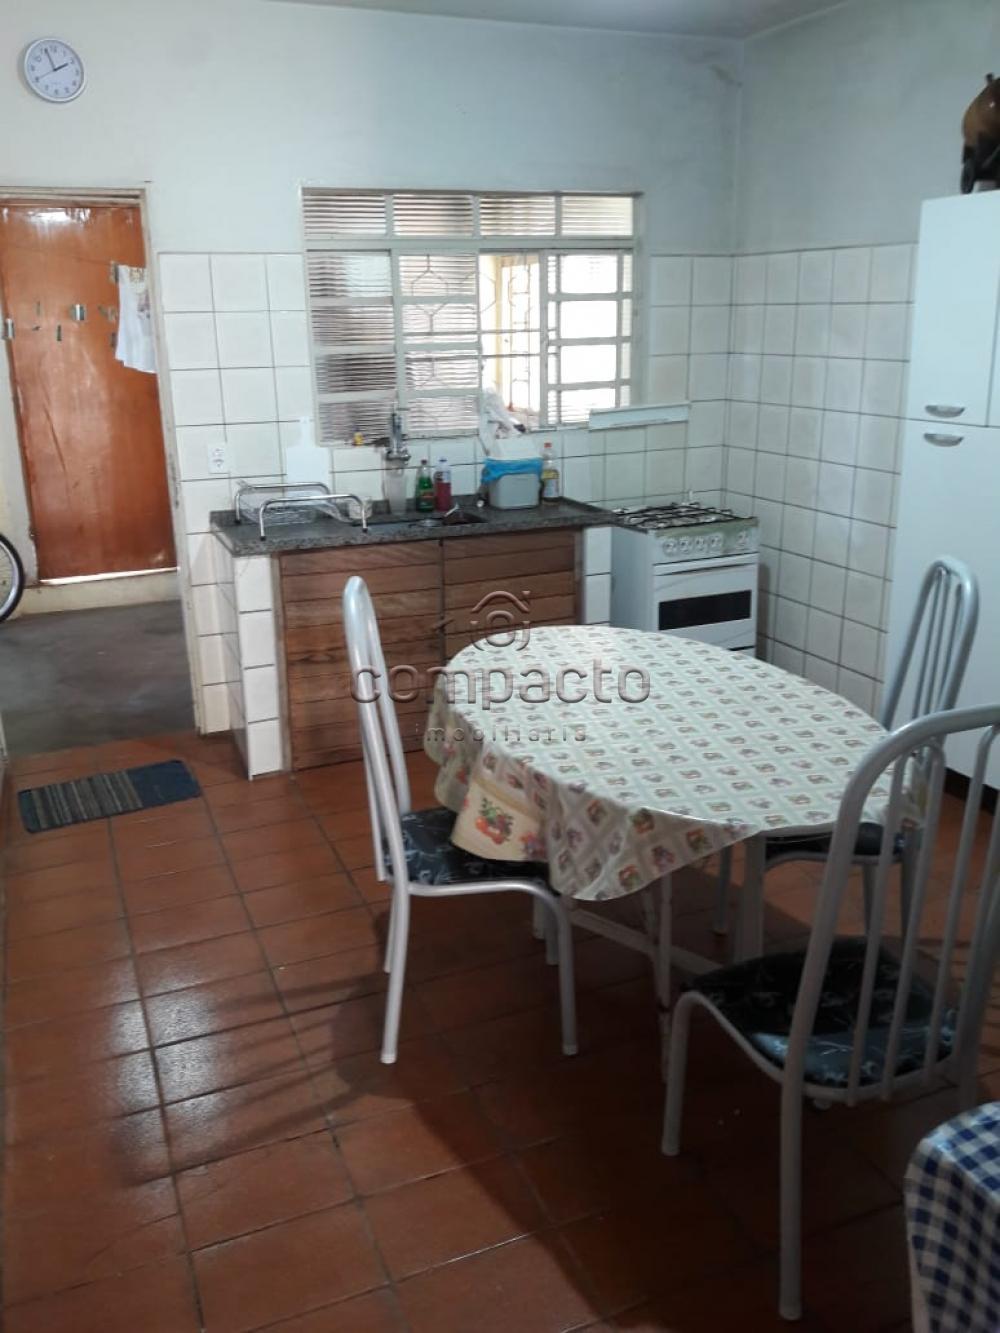 Comprar Casa / Padrão em São José do Rio Preto apenas R$ 140.000,00 - Foto 12